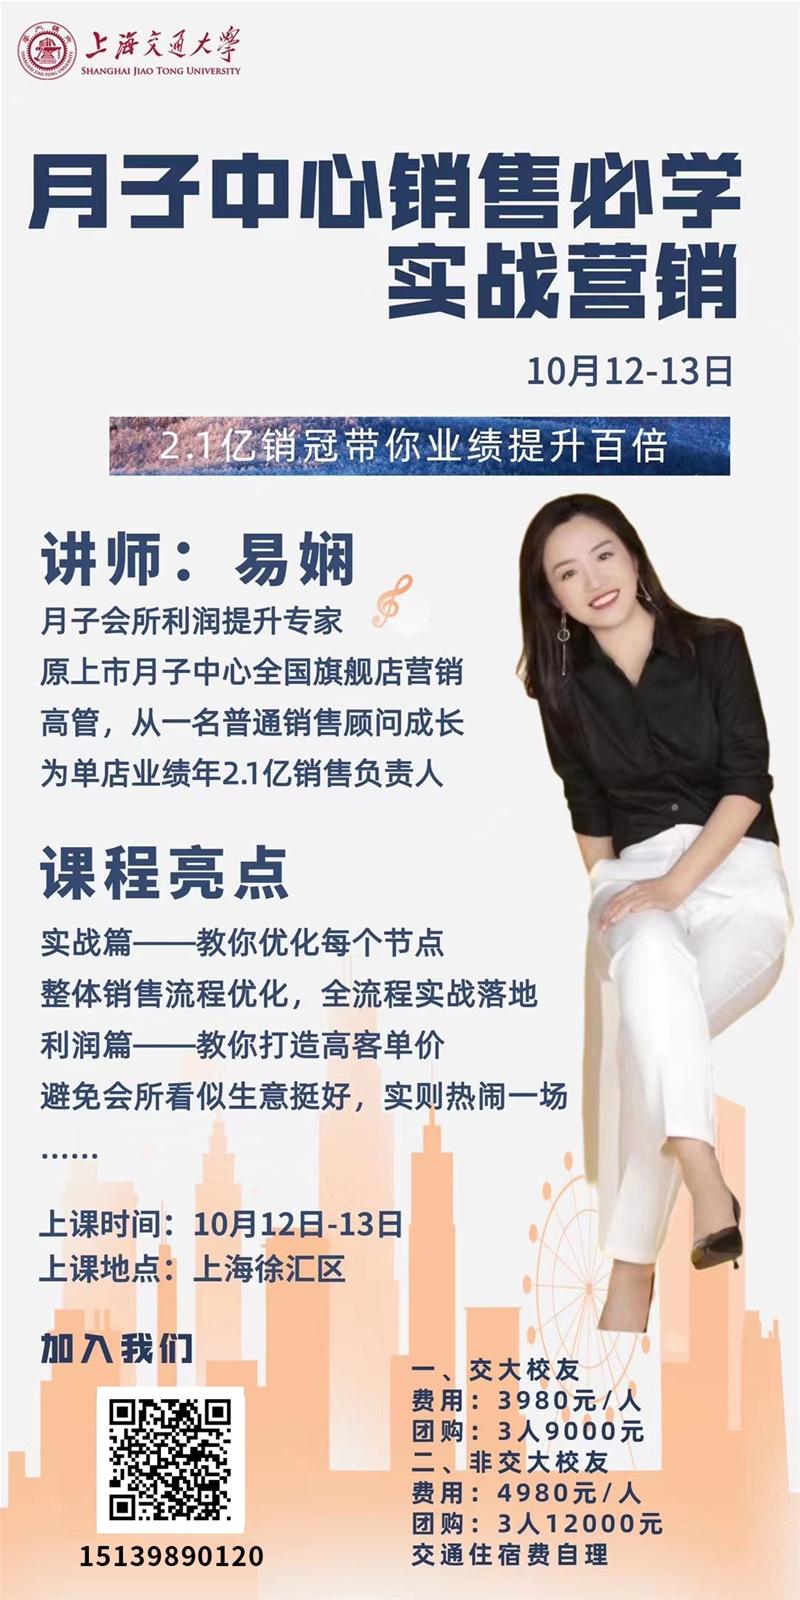 经营制胜 加速前进 | 上海交通大学月子中心总裁班第22期又双叒叕开班啦!